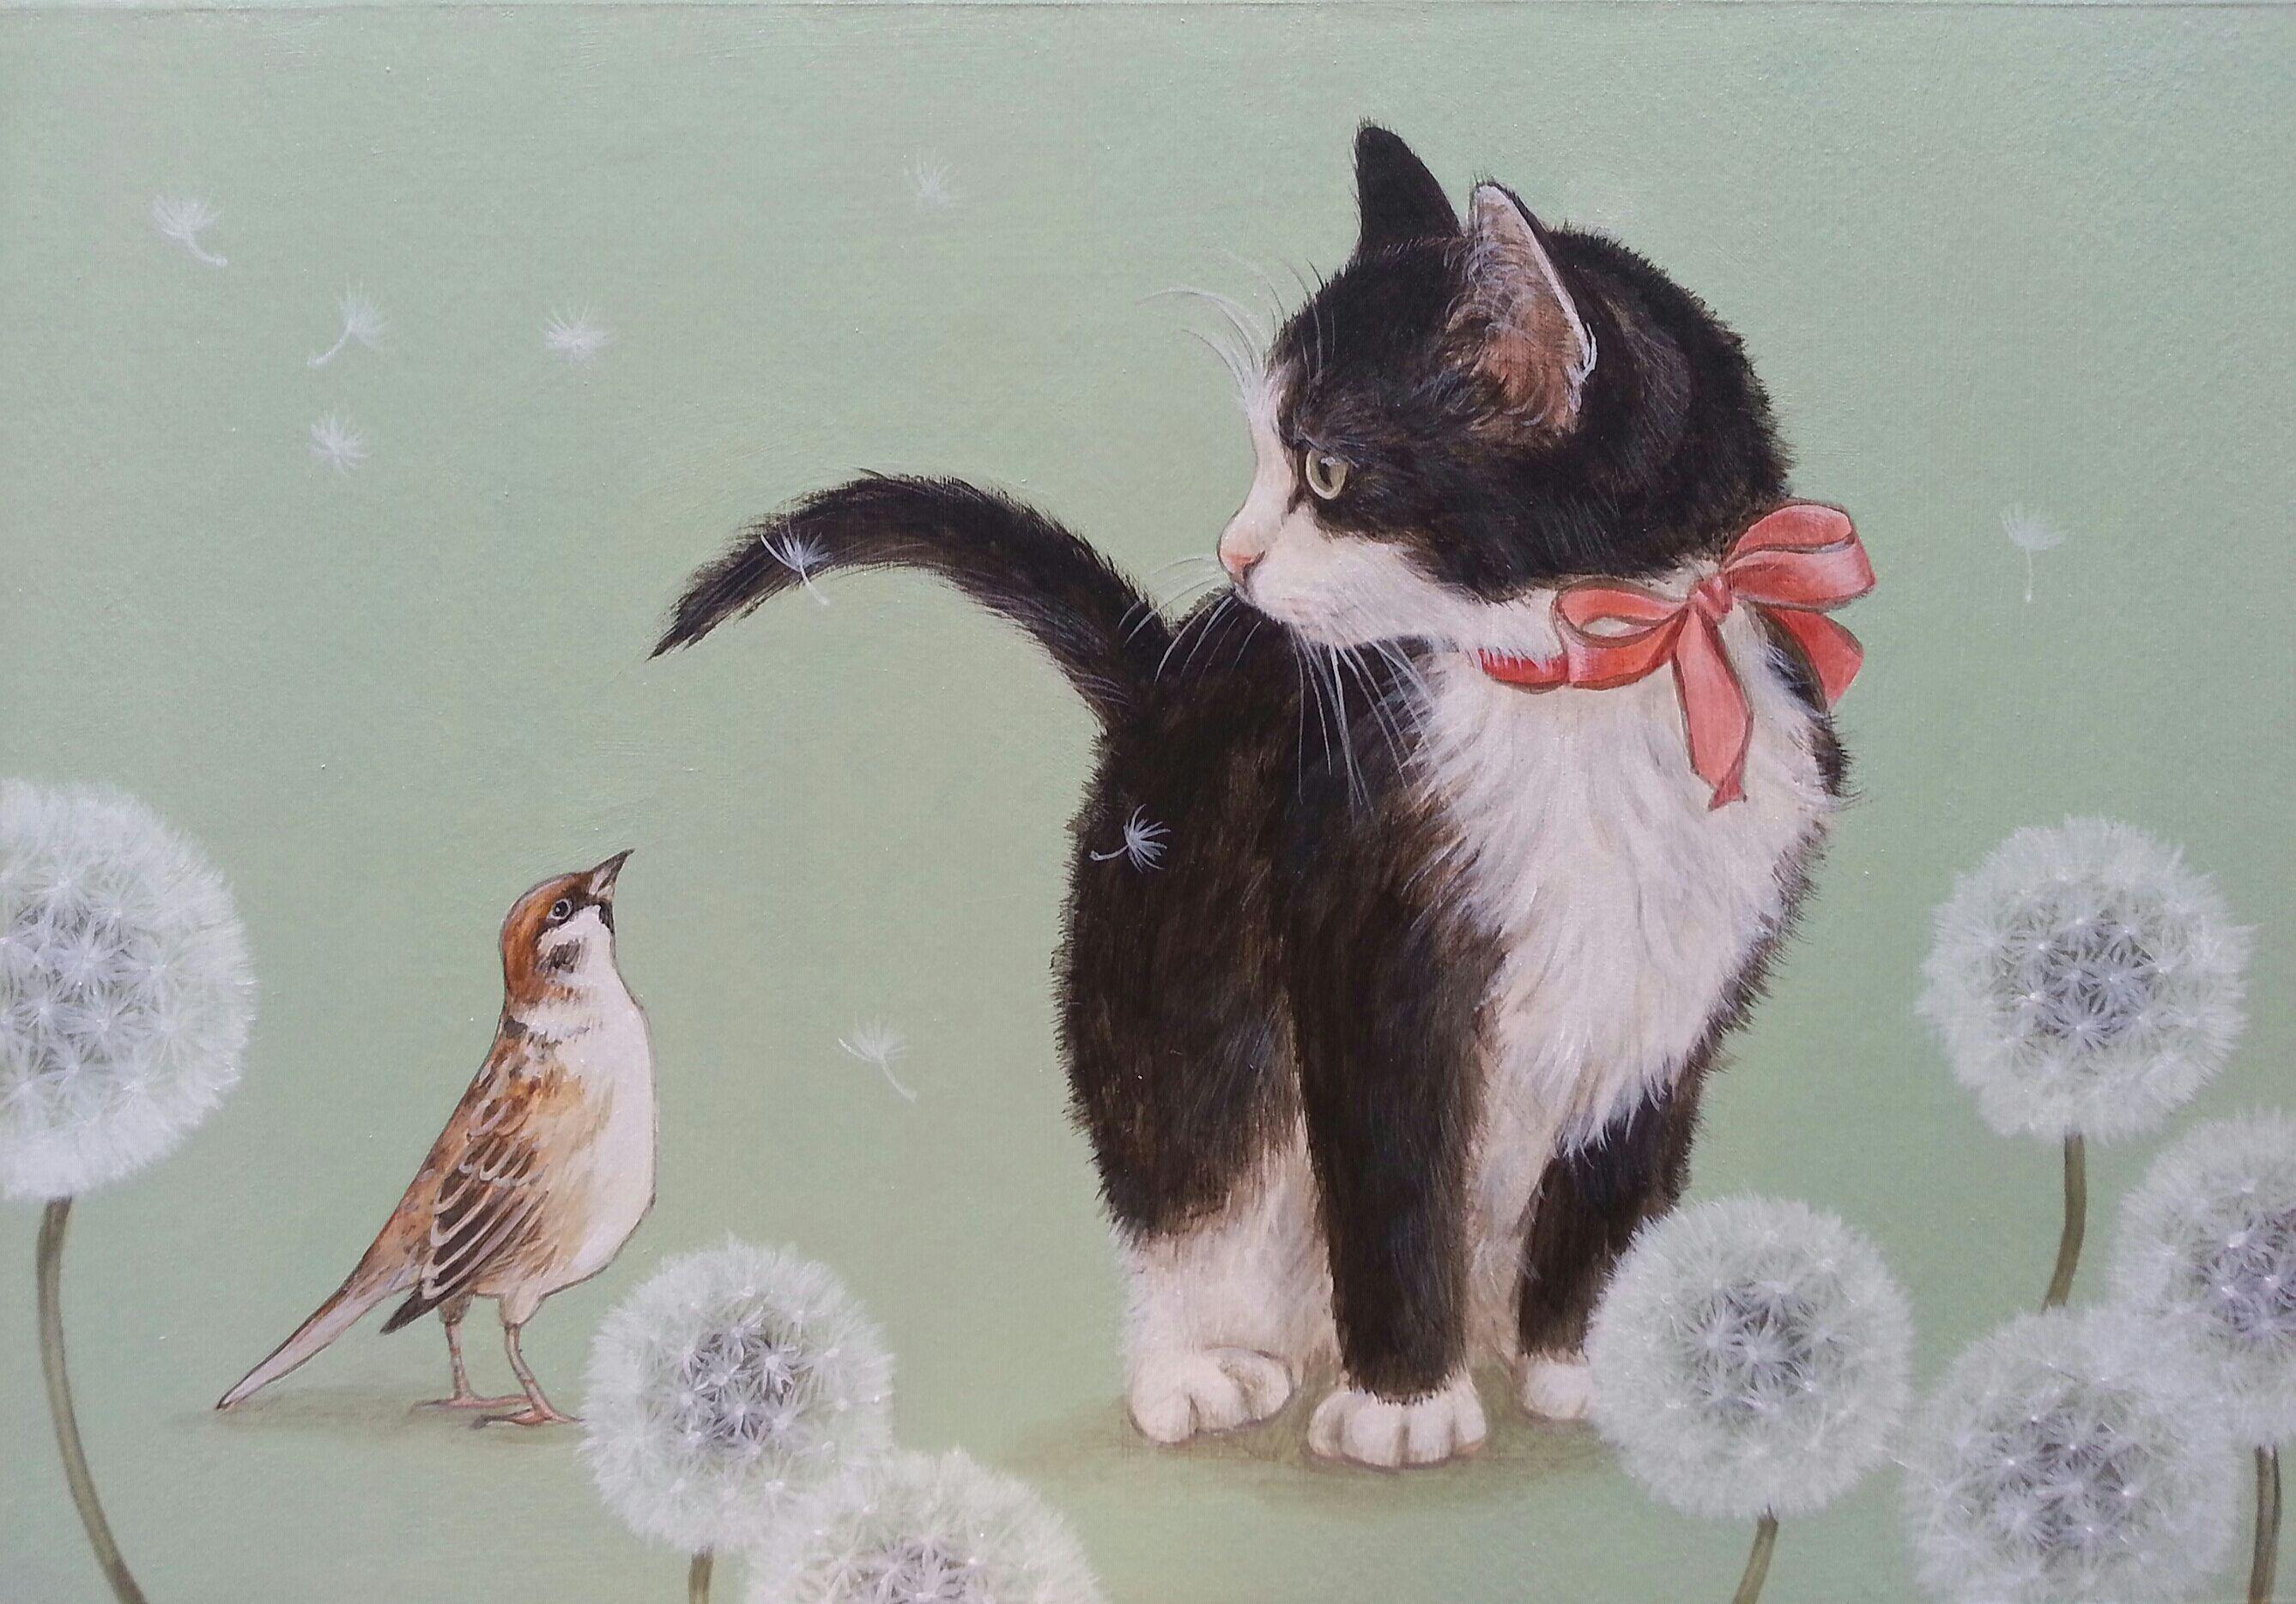 おちょぴ | 猫とすずめ | thisisgallery | 好きなアーティストが見つかるアート